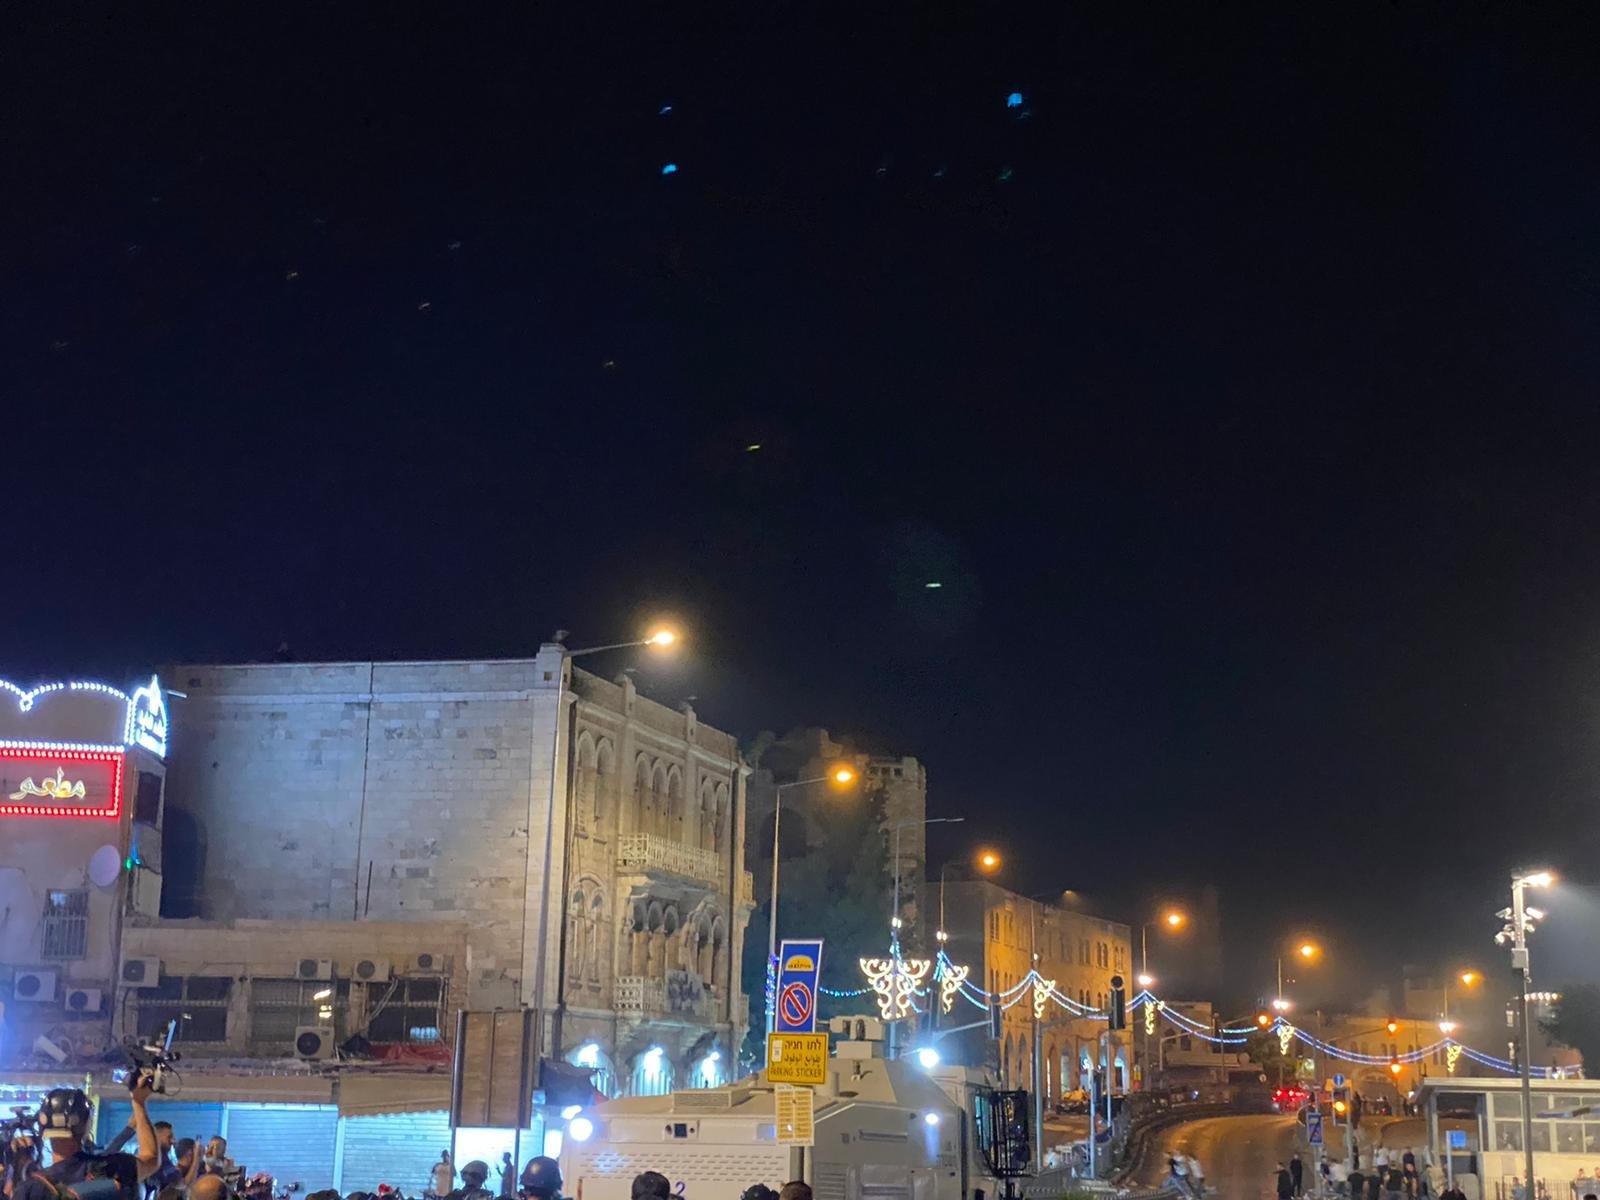 مواجهات مع الشرطة واعتقال 3 مواطنين في باب العامود بالقدس-4